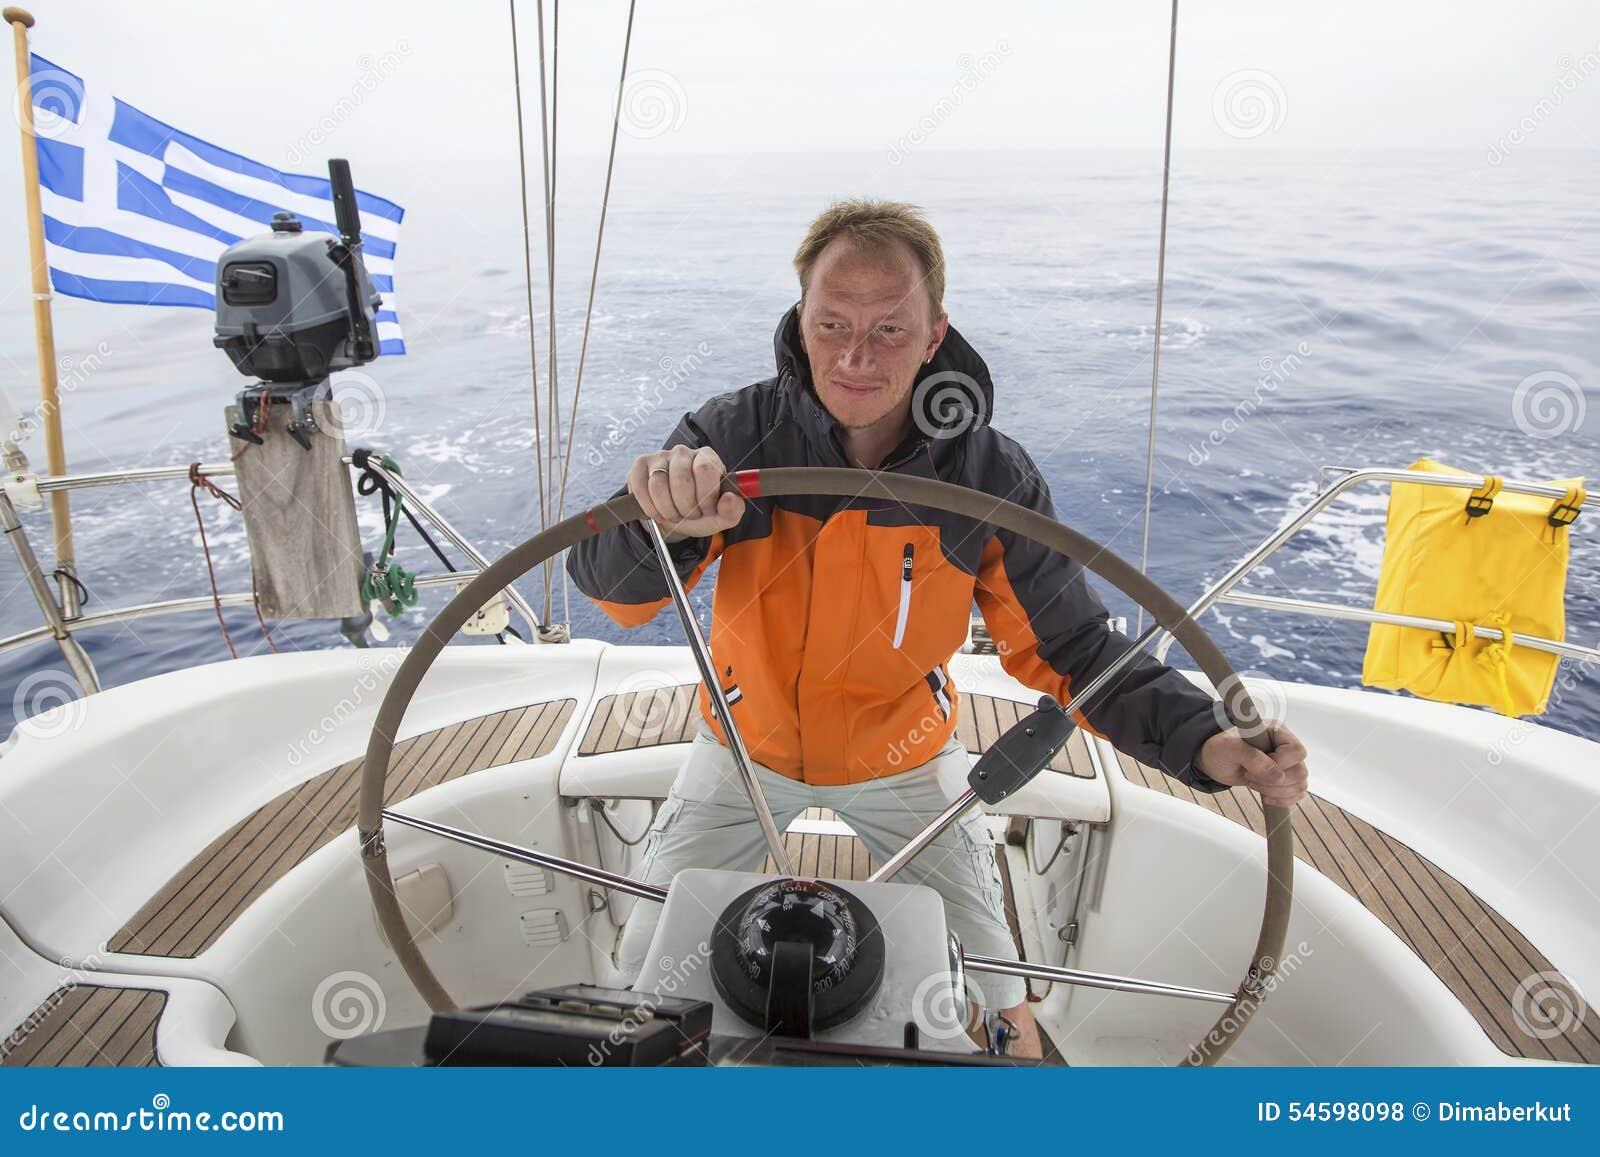 O capitão conduz o veleiro no mar aberto yachting sailing